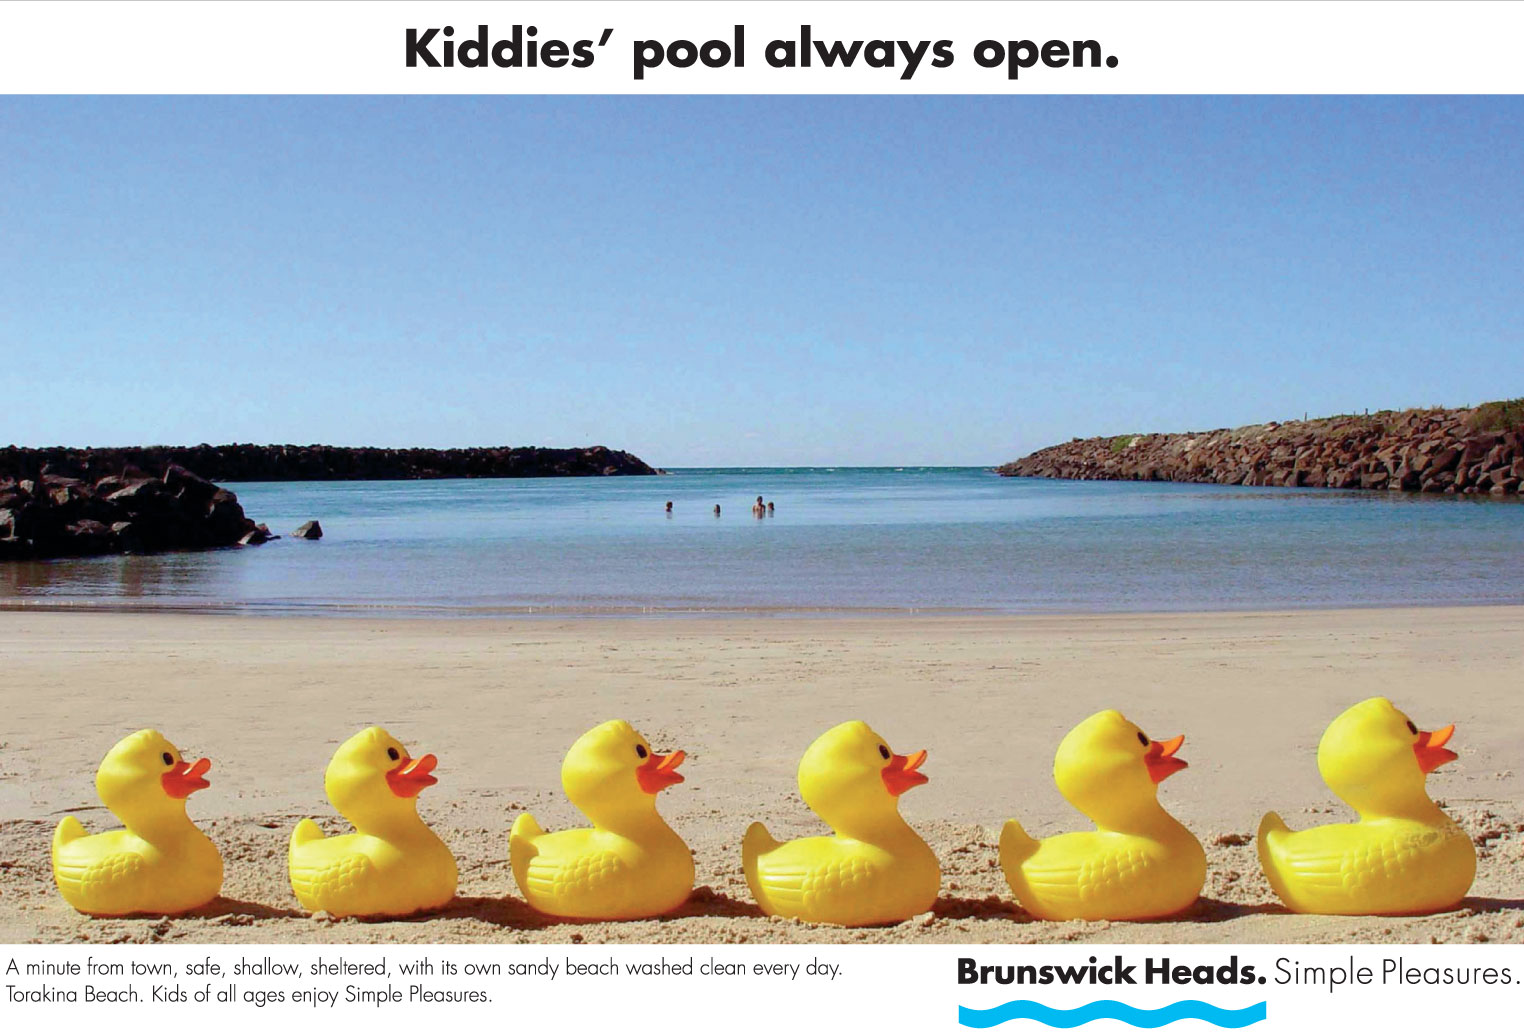 Ducks on beach